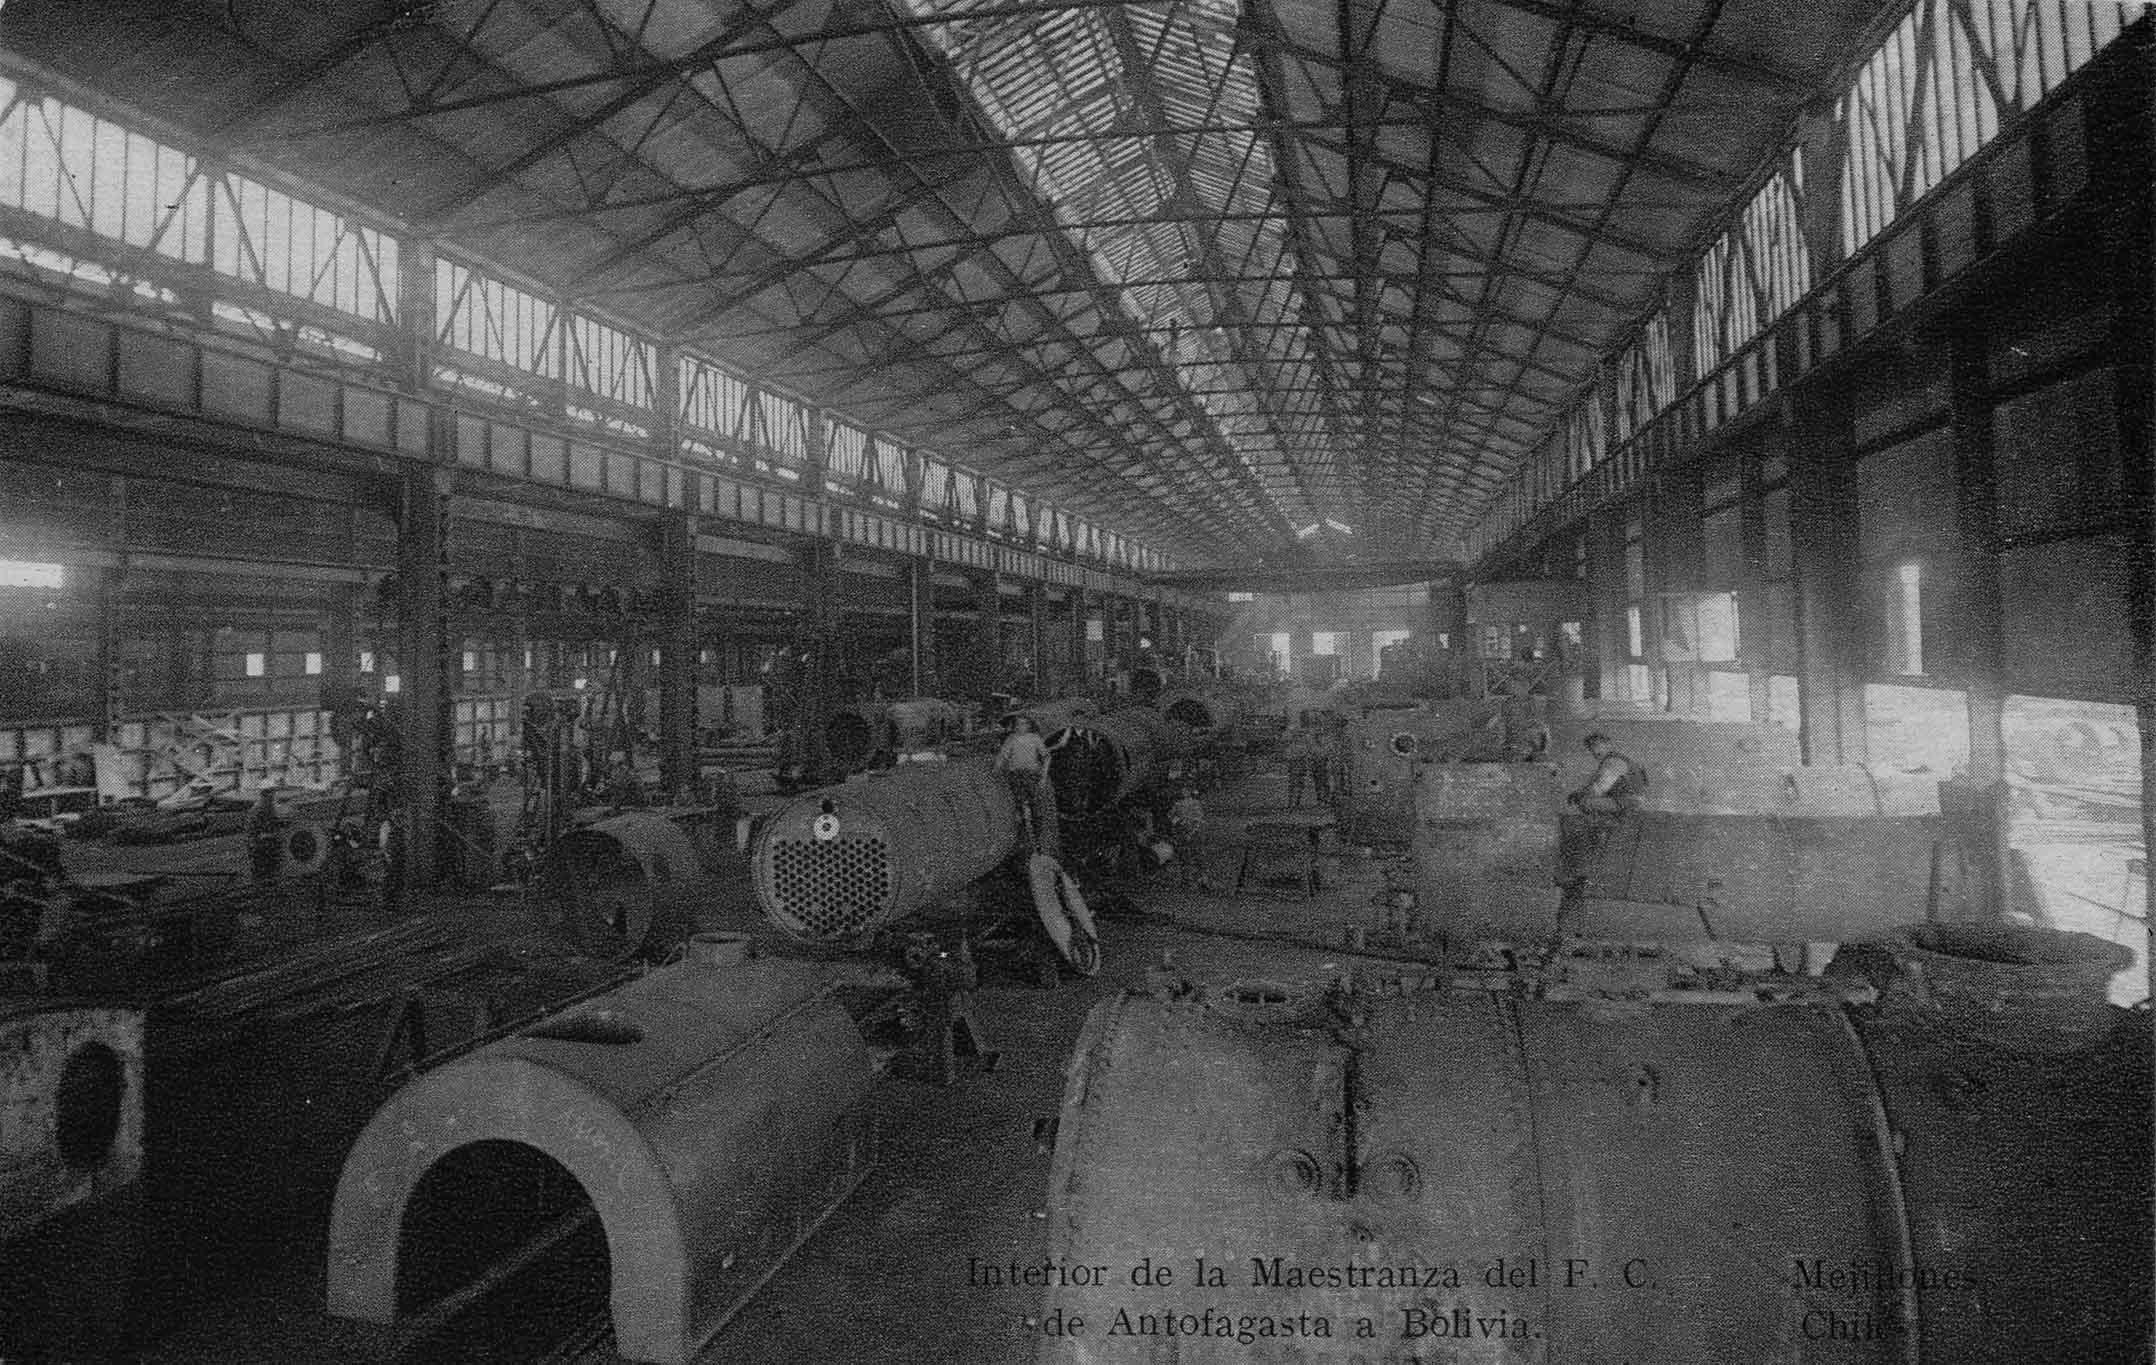 Enterreno - Fotos históricas de chile - fotos antiguas de Chile - Maestranza de Ferrocarriles en Mejillones, ca. 1920